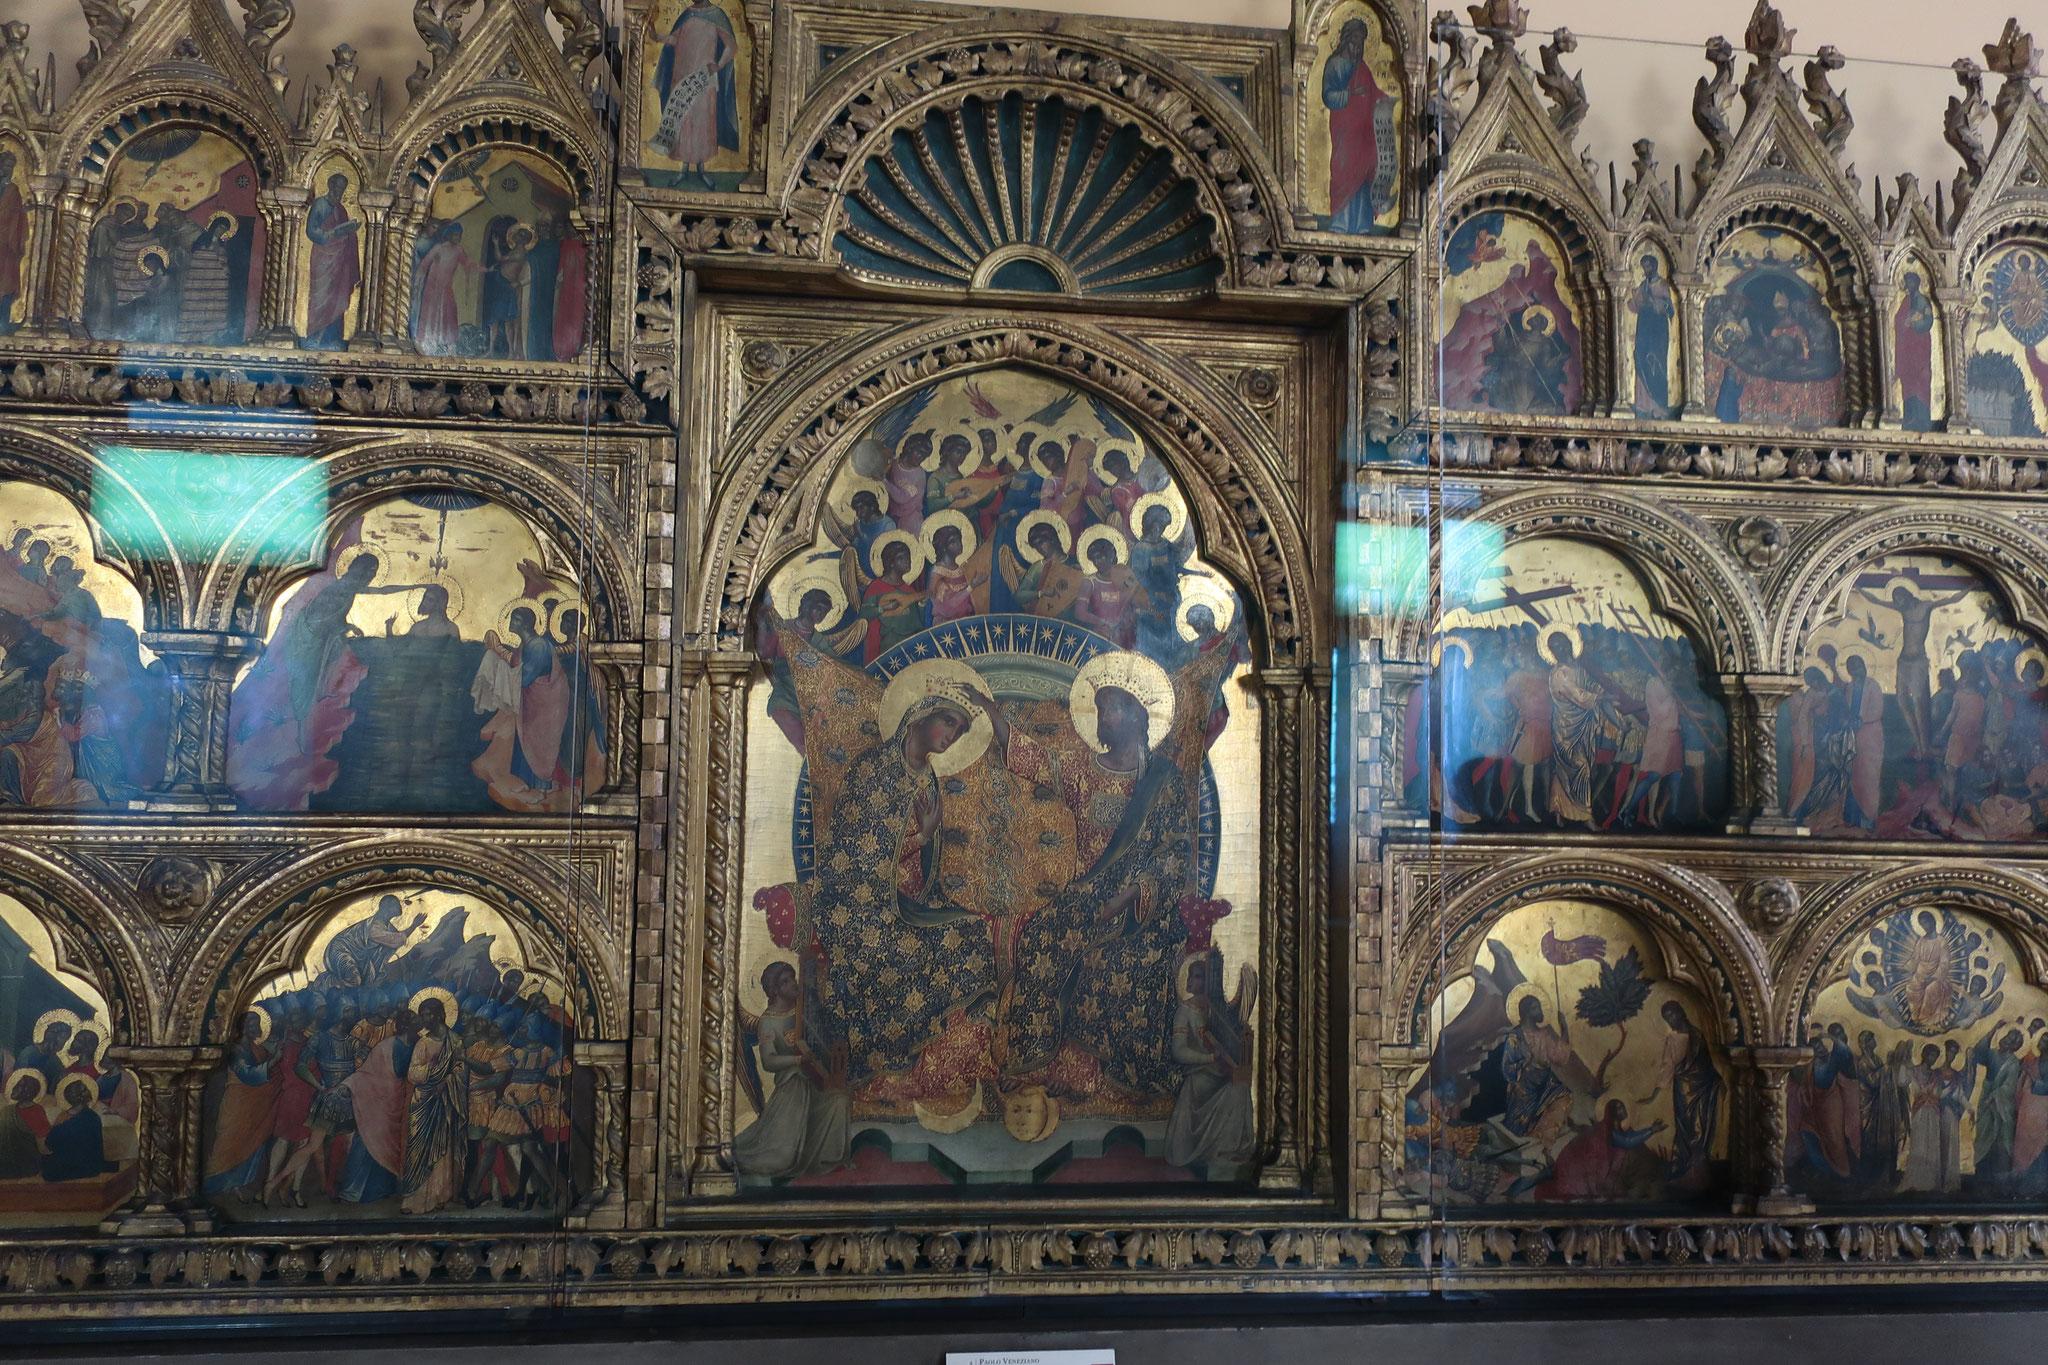 多翼祭壇画「聖母の戴冠」。パオロ・ヴェネツィアーノ 作